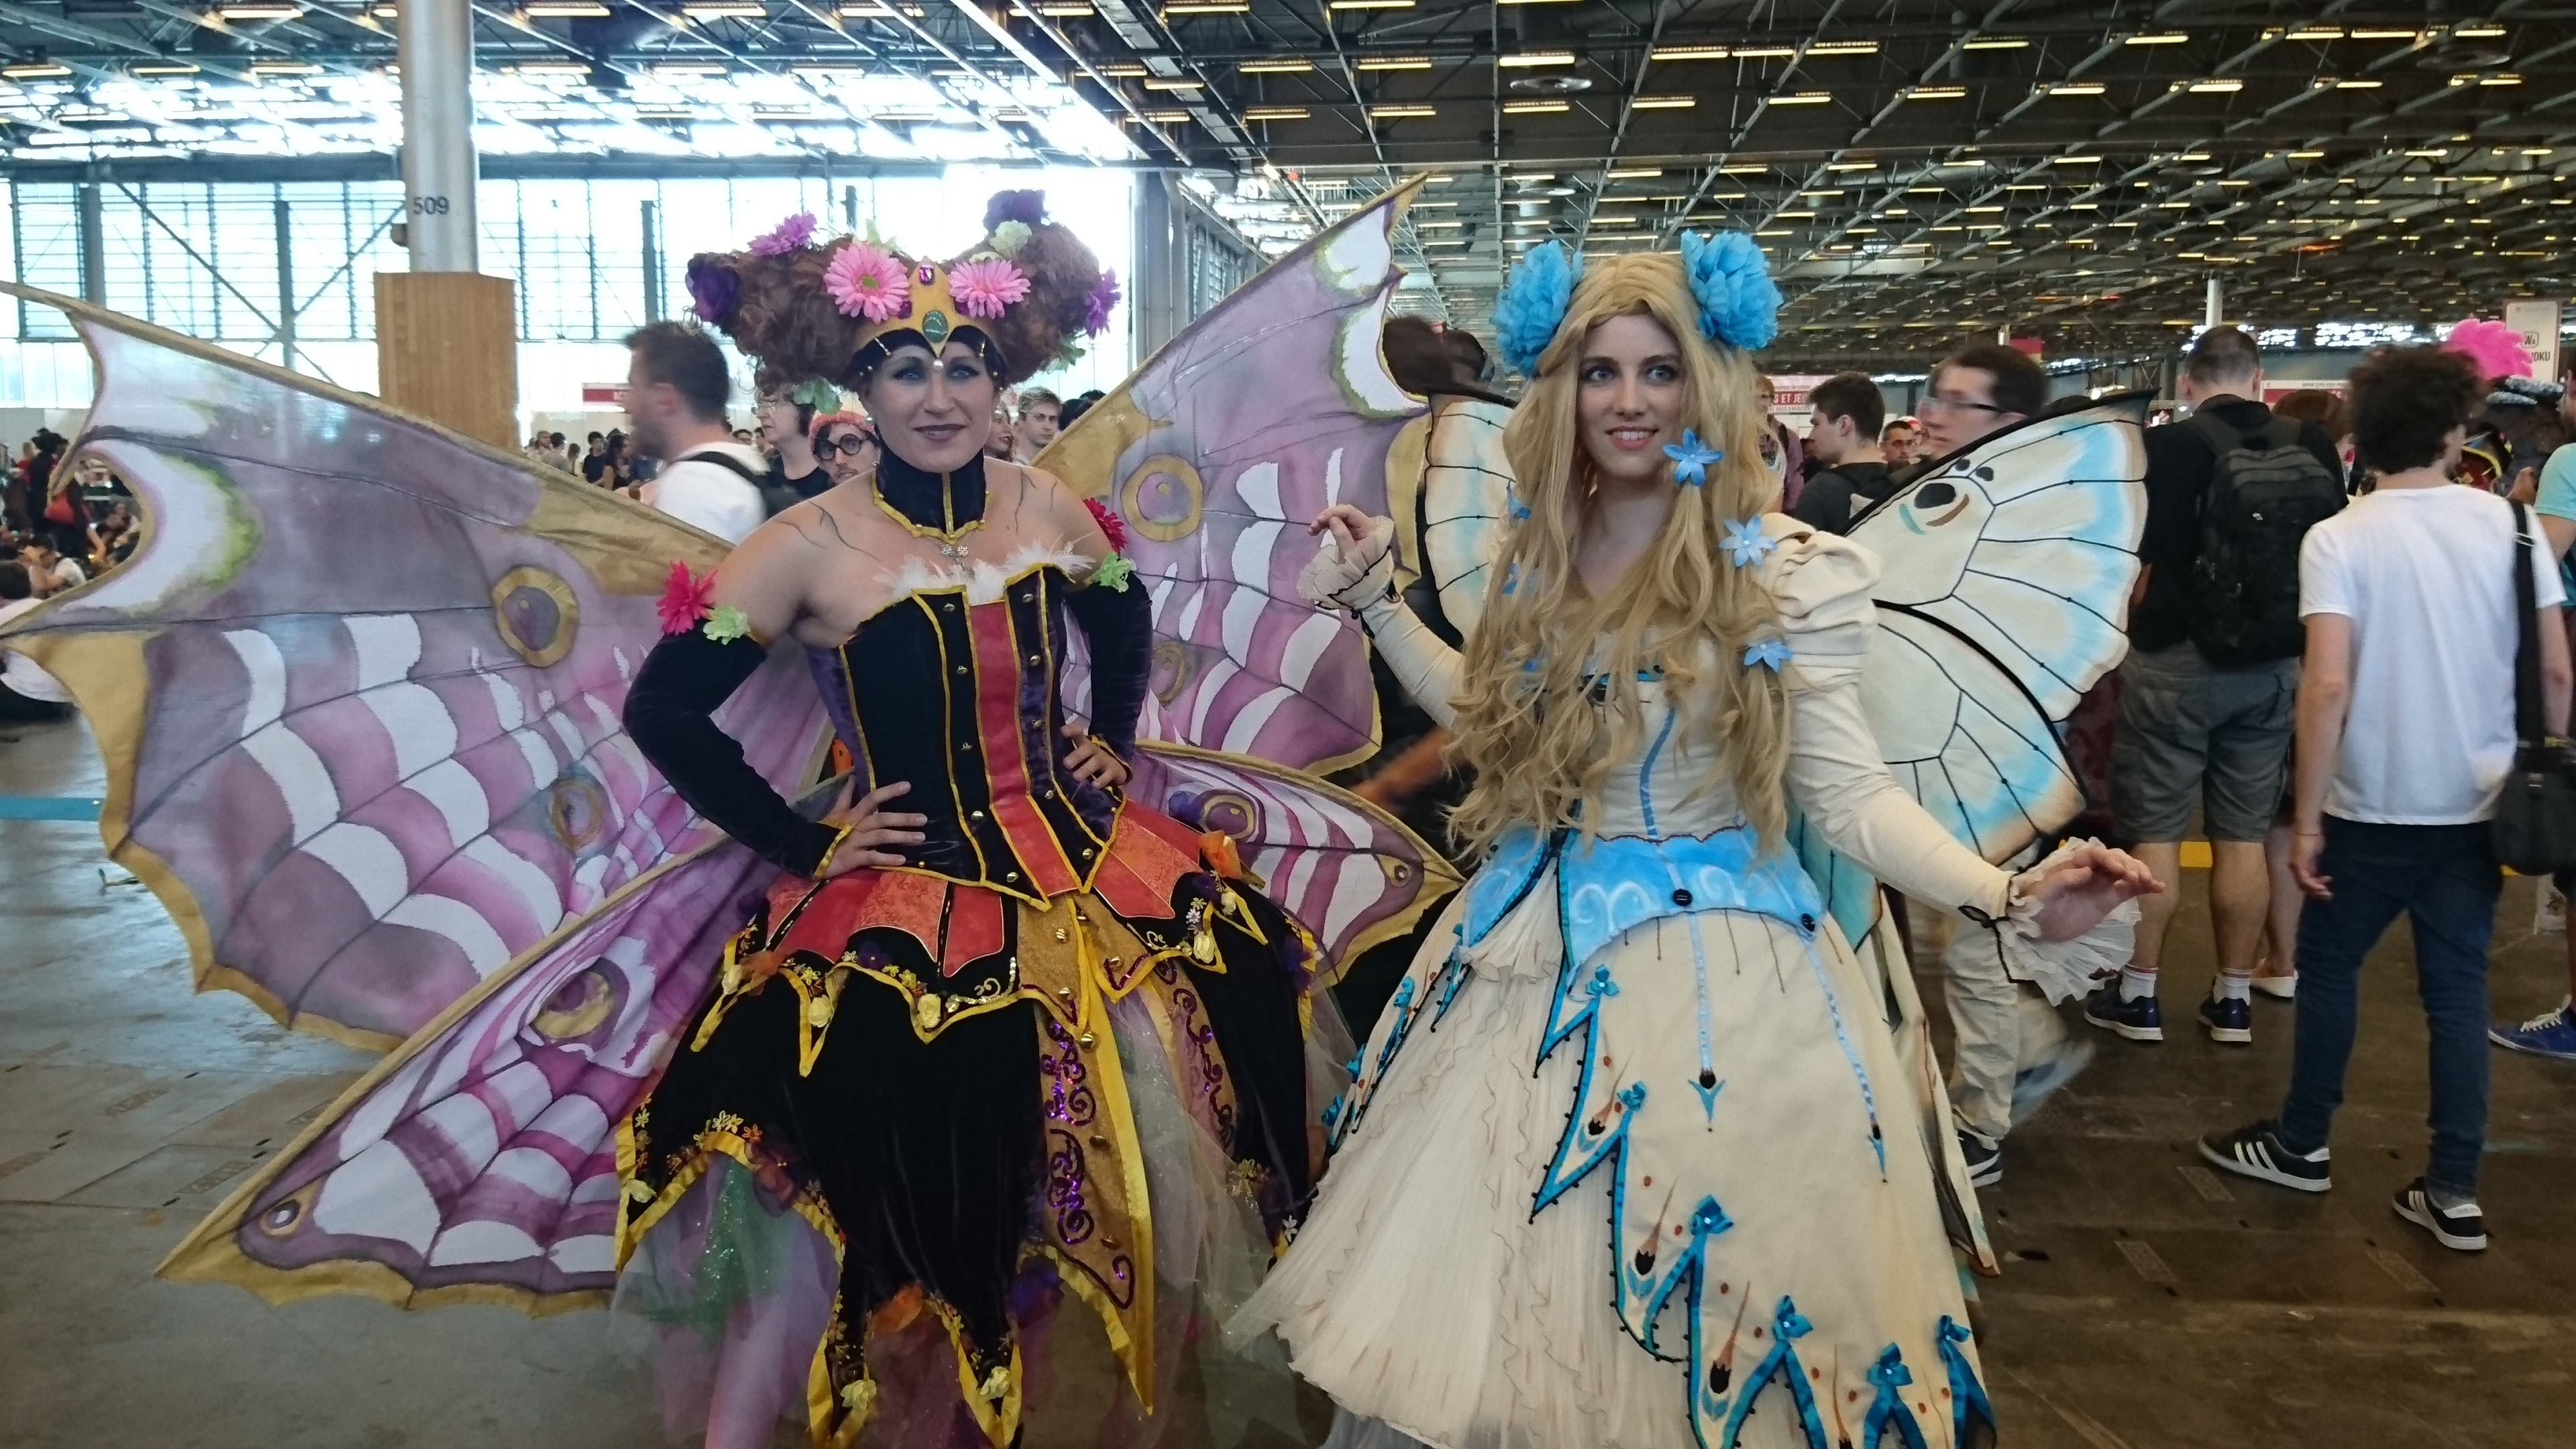 Japan expo cosplay 16 matcha et sakura - Japan expo paris 2017 ...